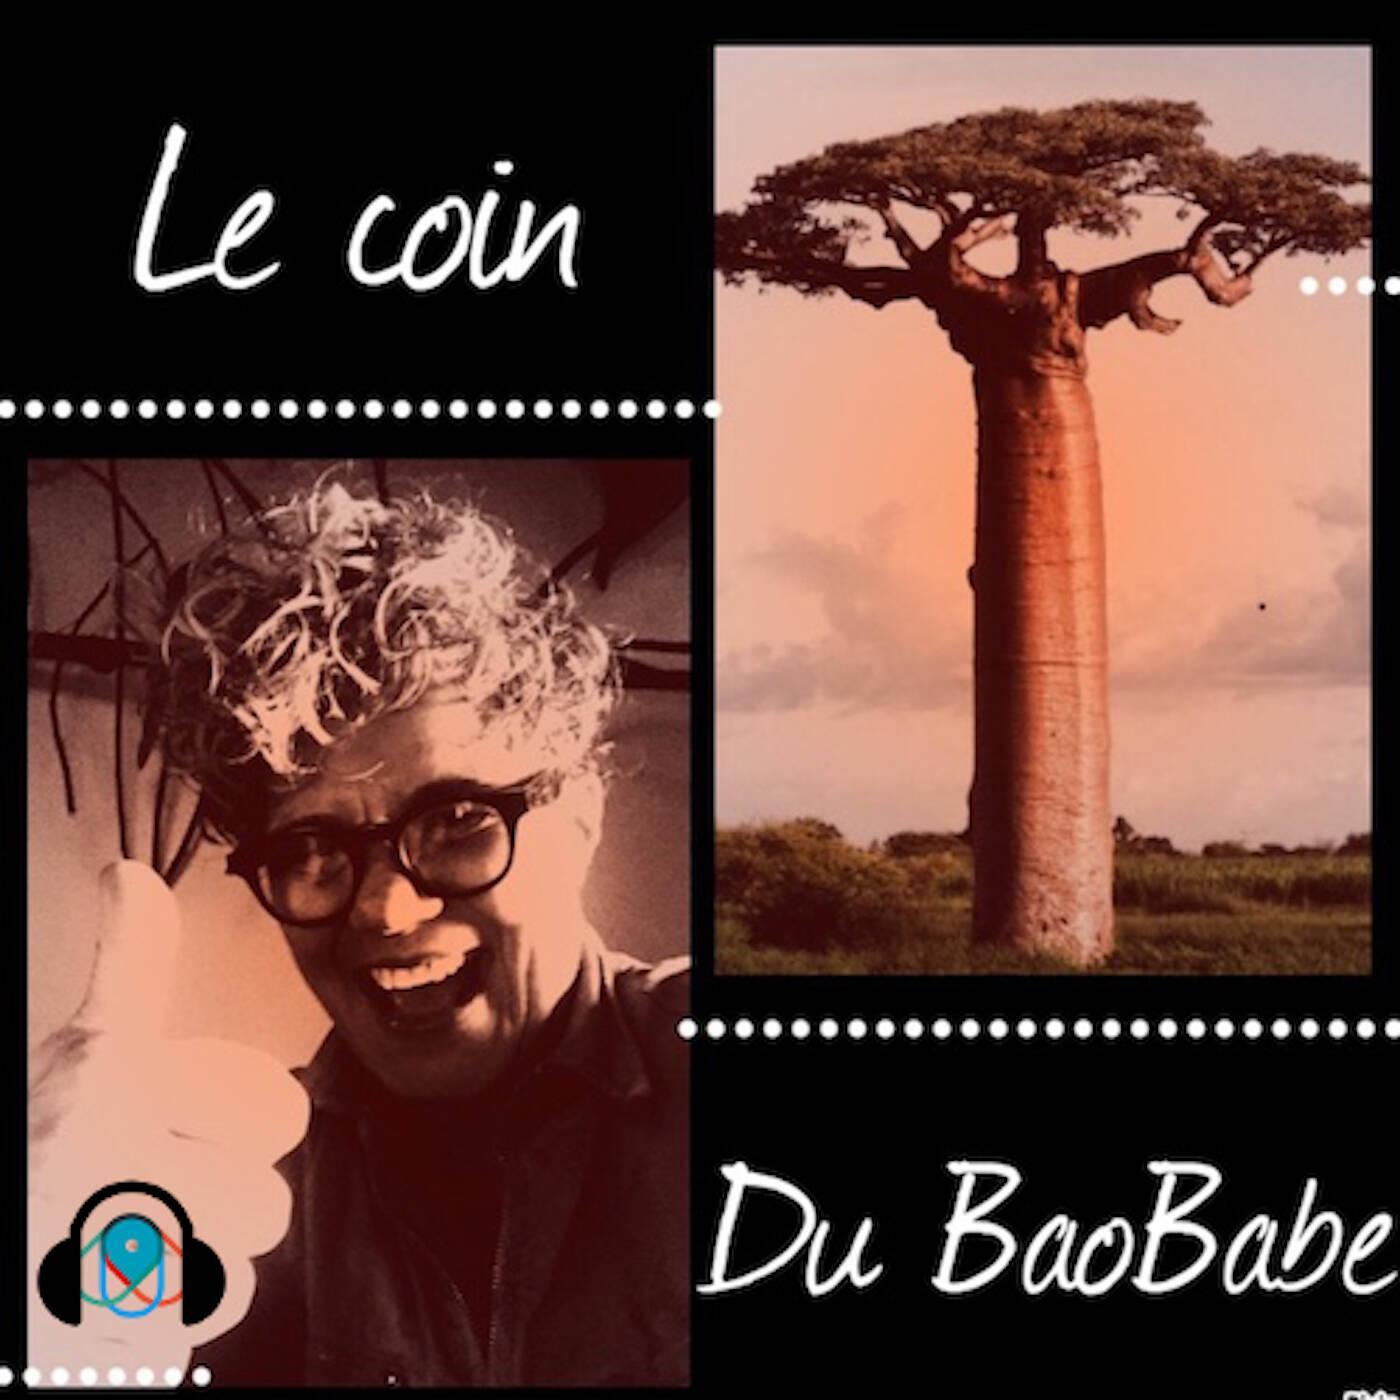 LE COIN DU BAOBABE S1E9 - Cover 1